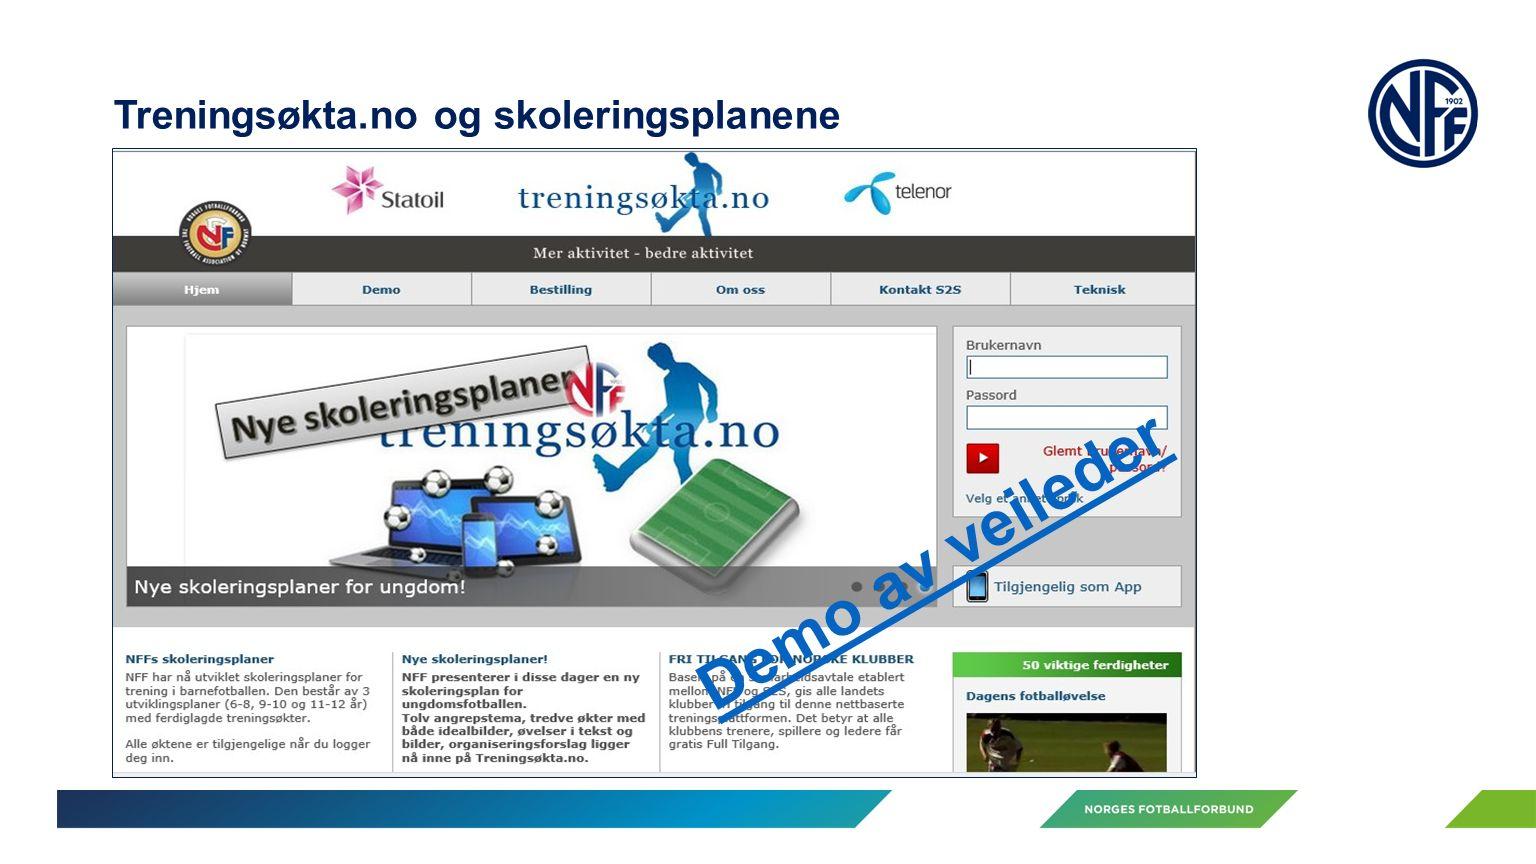 Treningsøkta.no og skoleringsplanene Demo av veileder